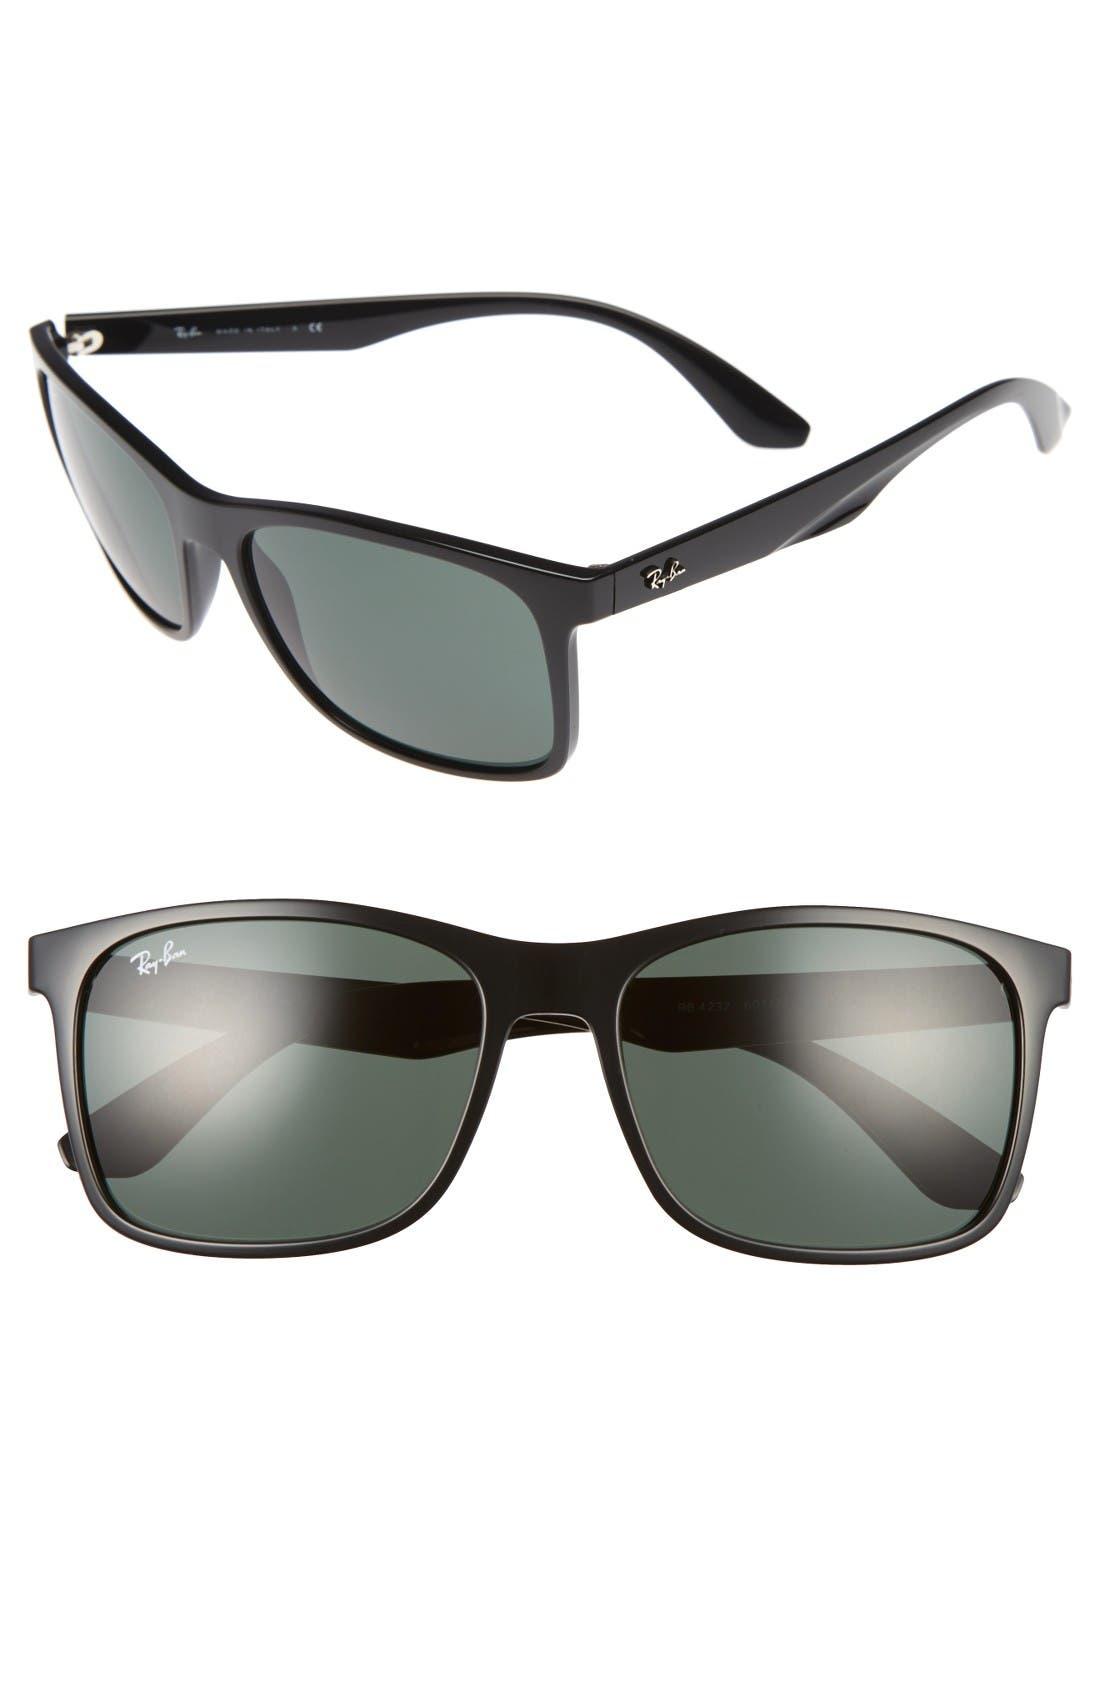 Main Image - Ray-Ban 57mm Square Sunglasses